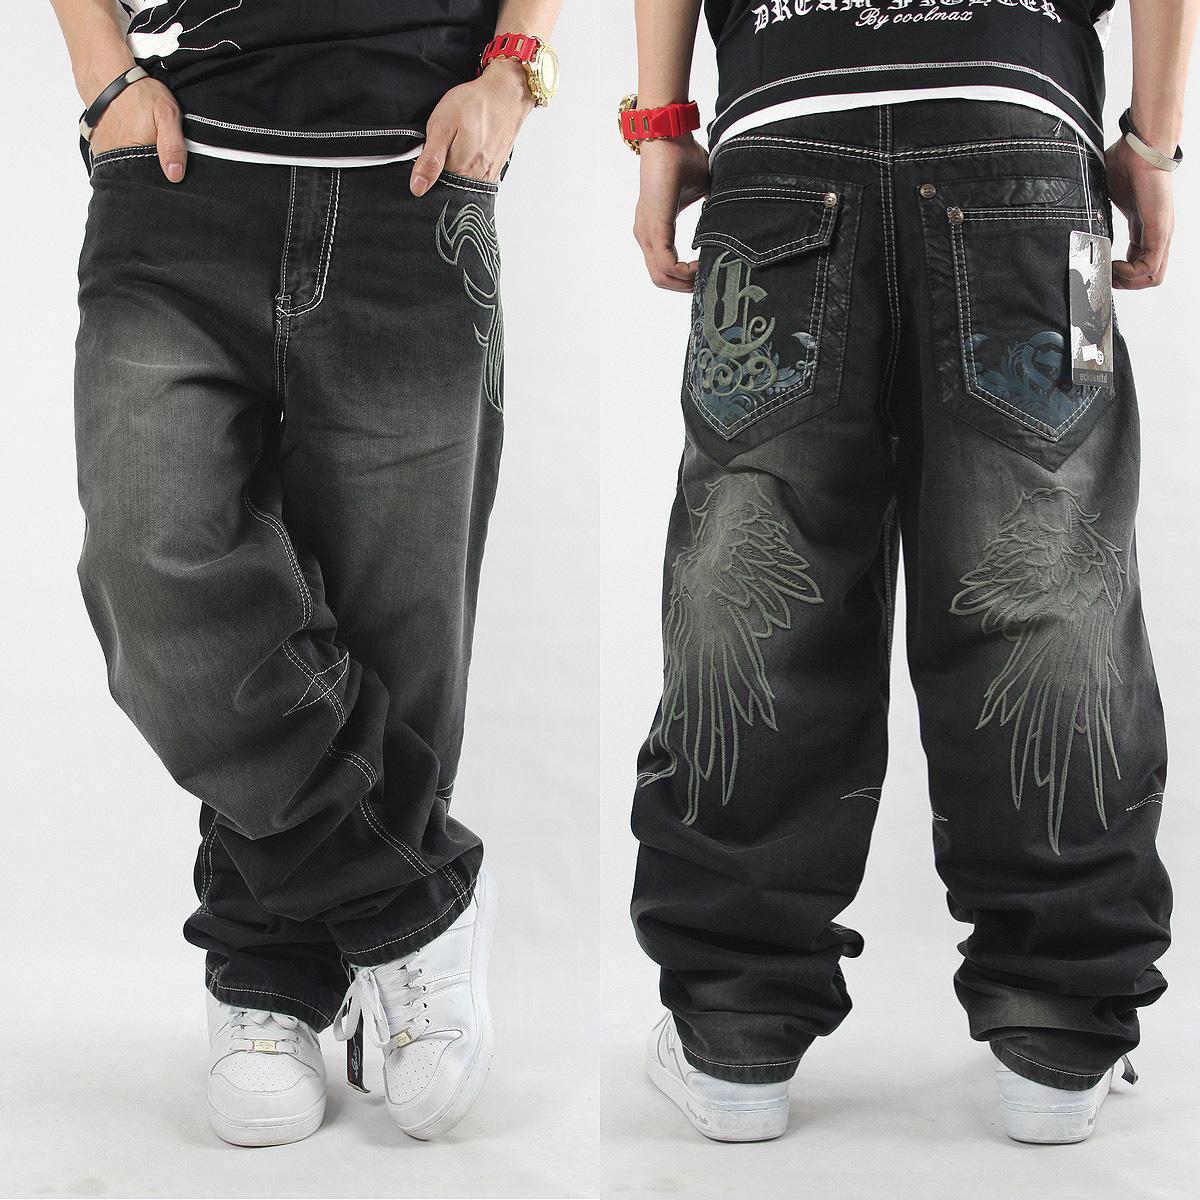 2017 New Arrival Mens Hip Hop Baggy Jeans Men Plus Size ...